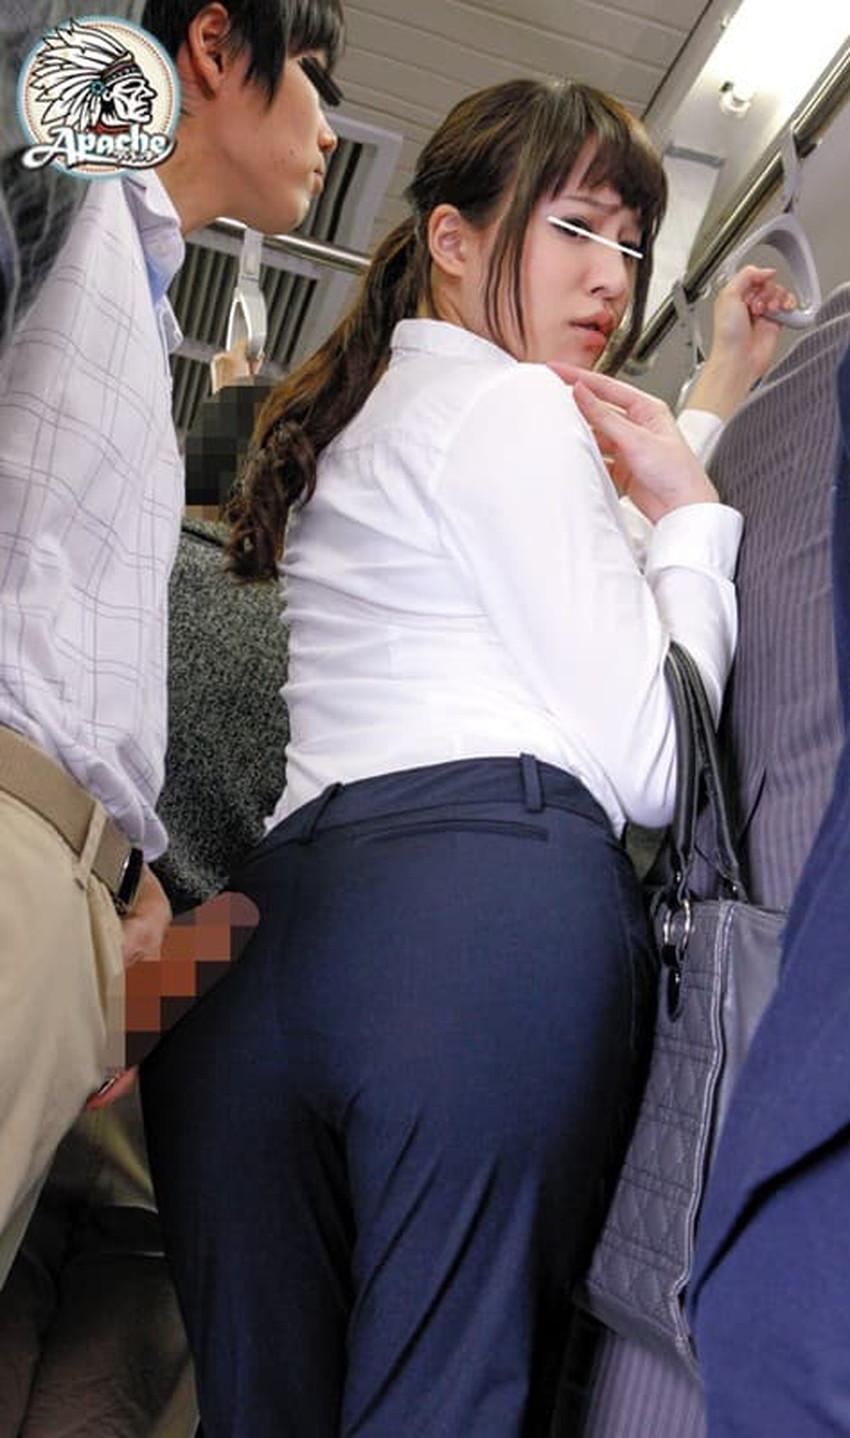 【パンツスーツエロ画像】パンツスーツのキャリアウーマンやOLのパン線を視姦したり引き裂いてバイブやちんぽをブチ混んじゃったパンツスーツのエロ画像集!!ww【80枚】 74